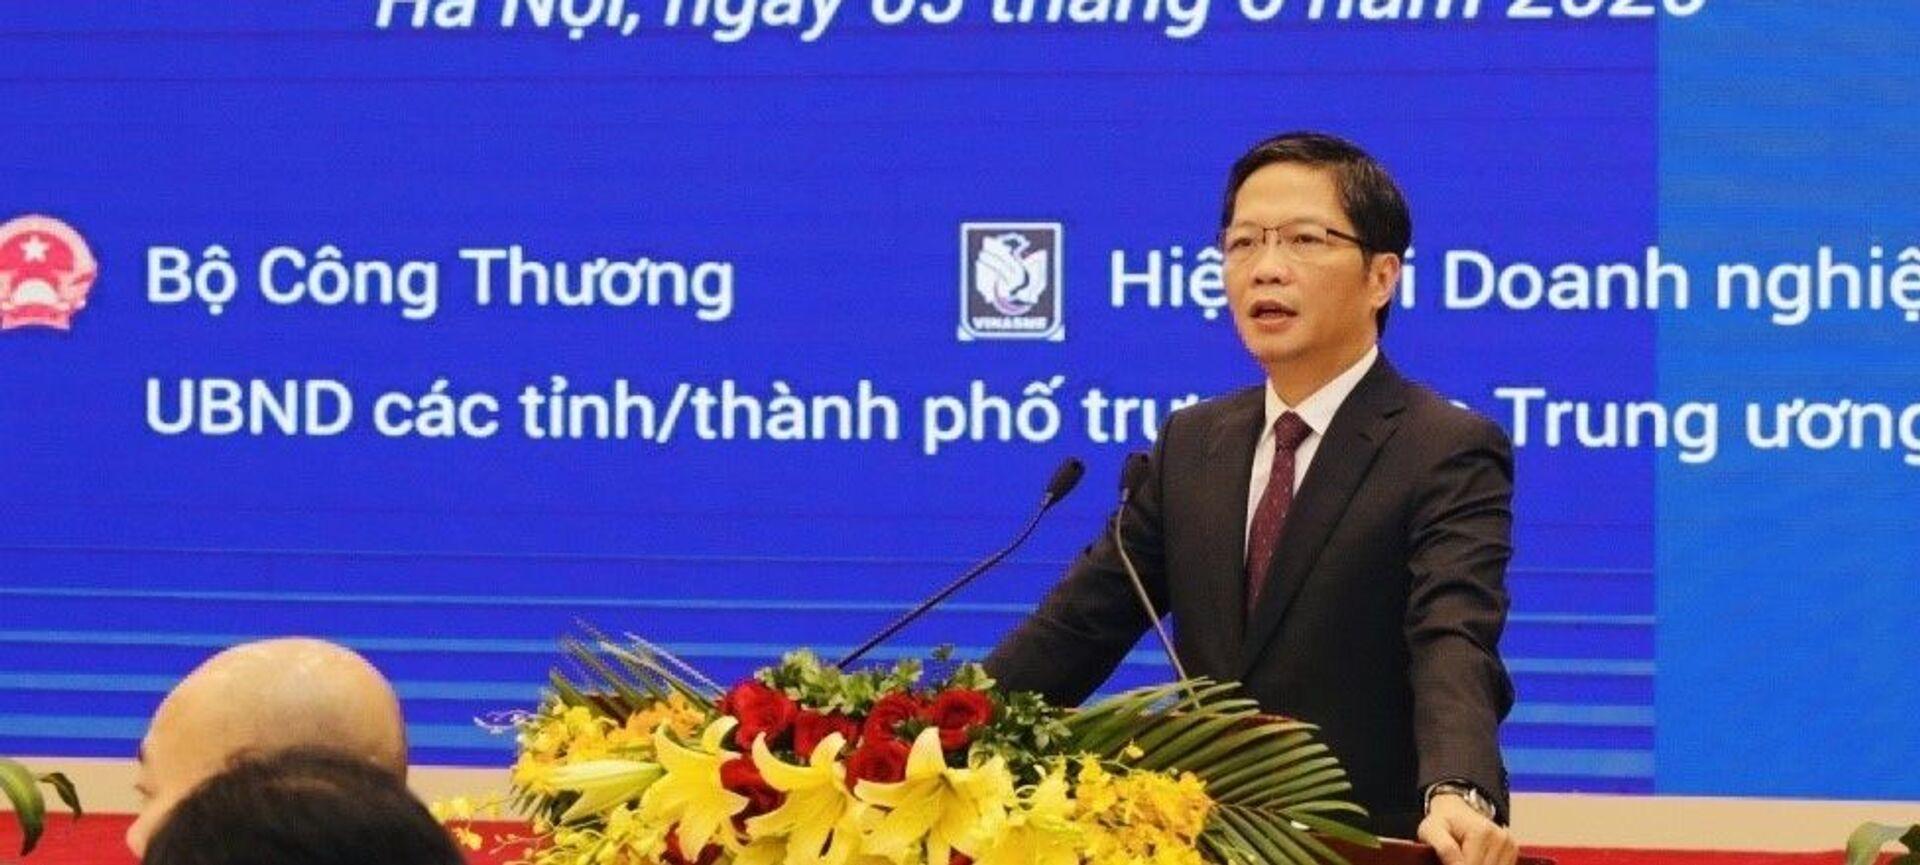 Bộ trưởng Bộ Công Thương Trần Tuấn Anh phát biểu tại hội nghị.  - Sputnik Việt Nam, 1920, 05.06.2020